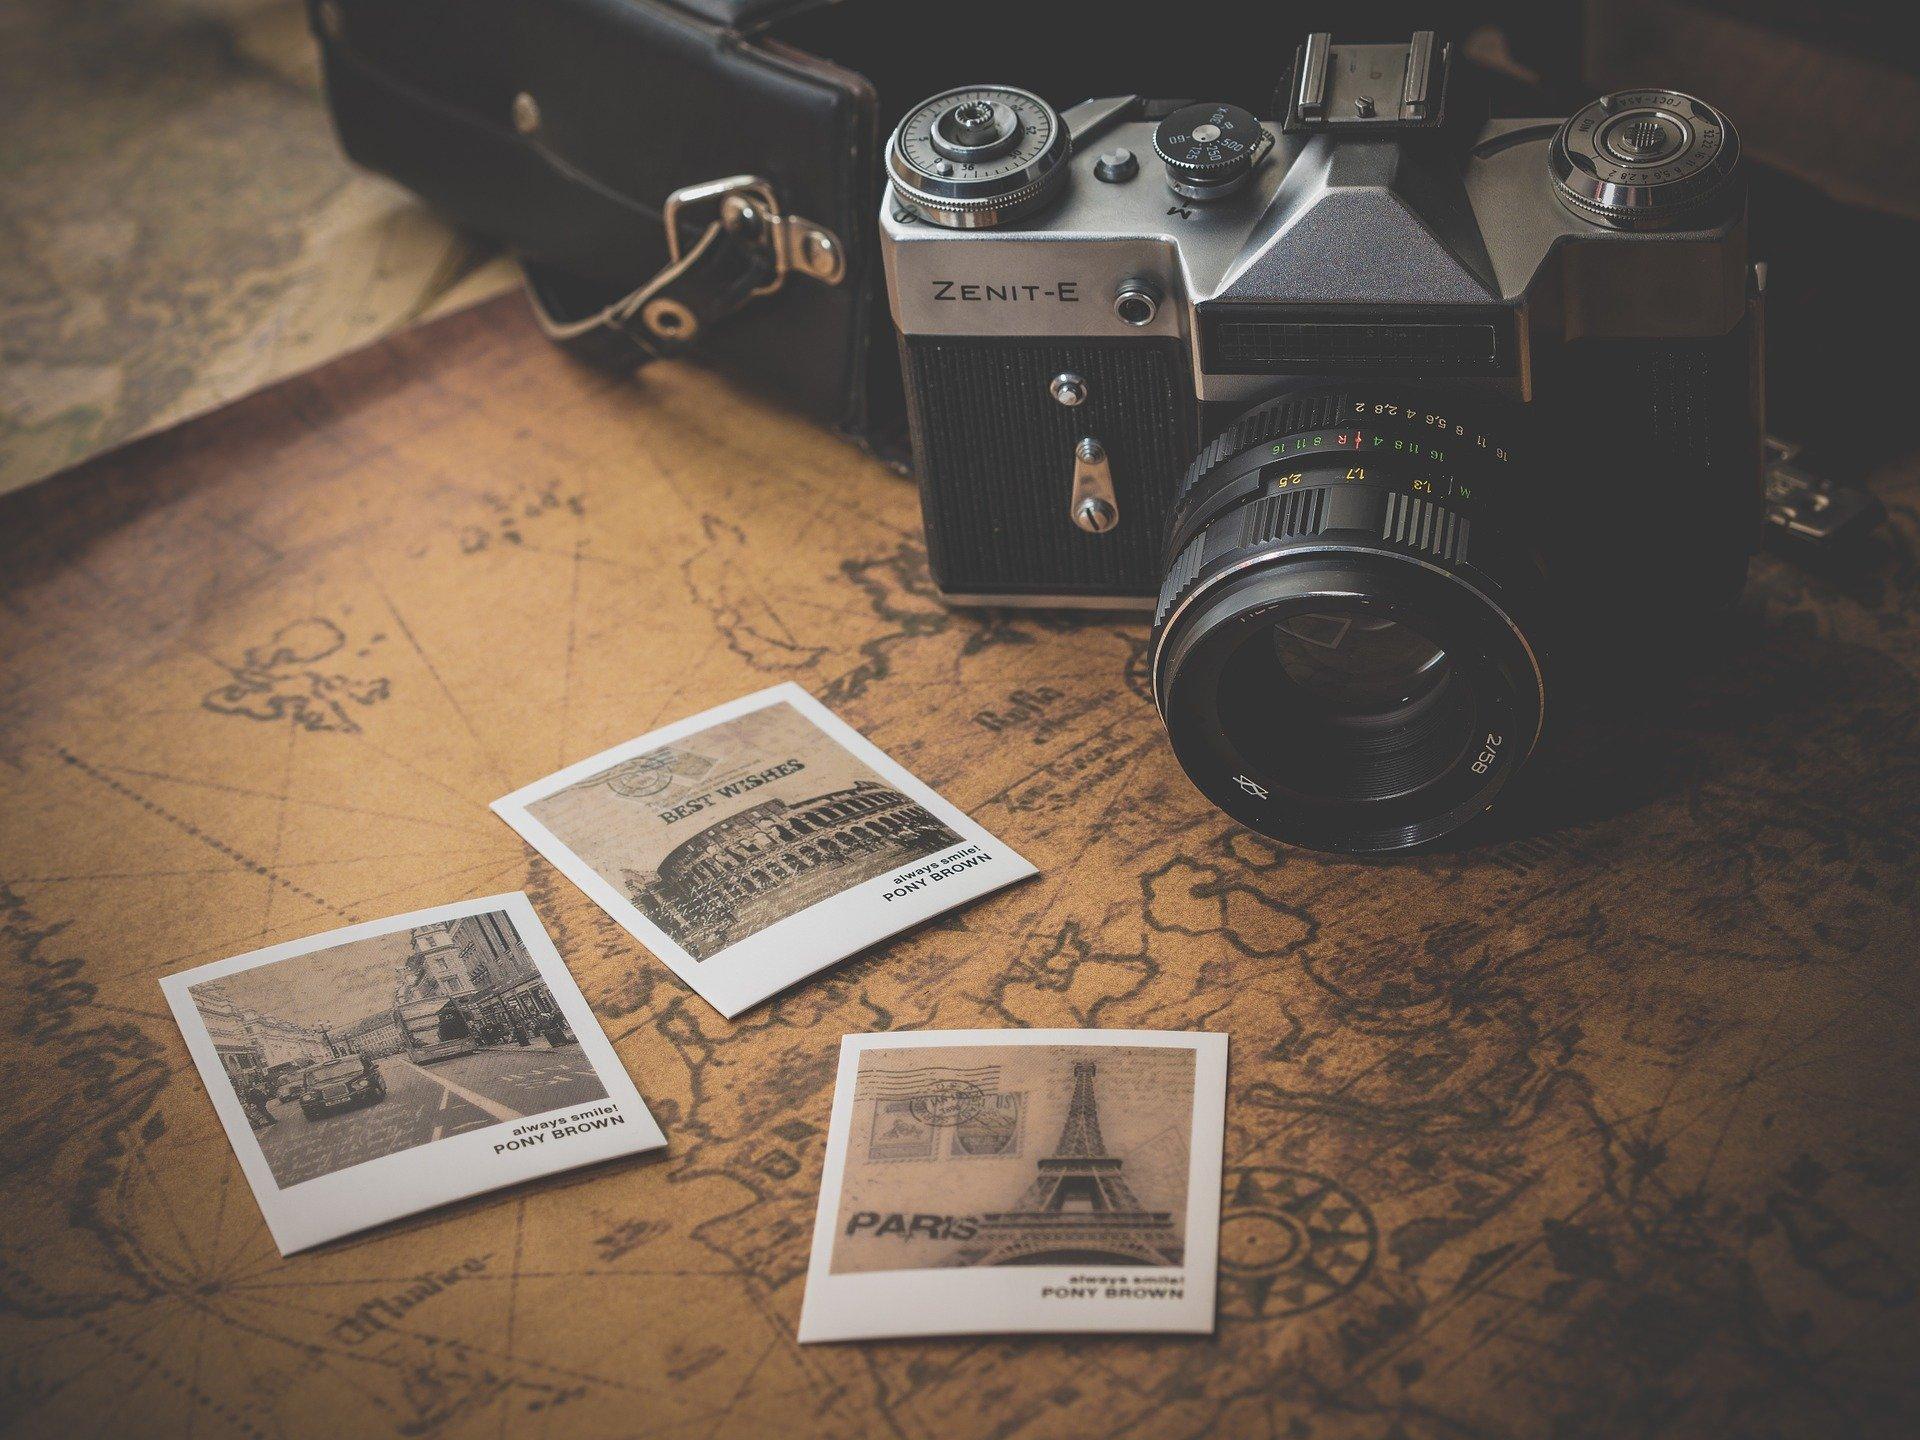 Recomendaciones para pacientes con enfermedades autoinmunes que desean viajar